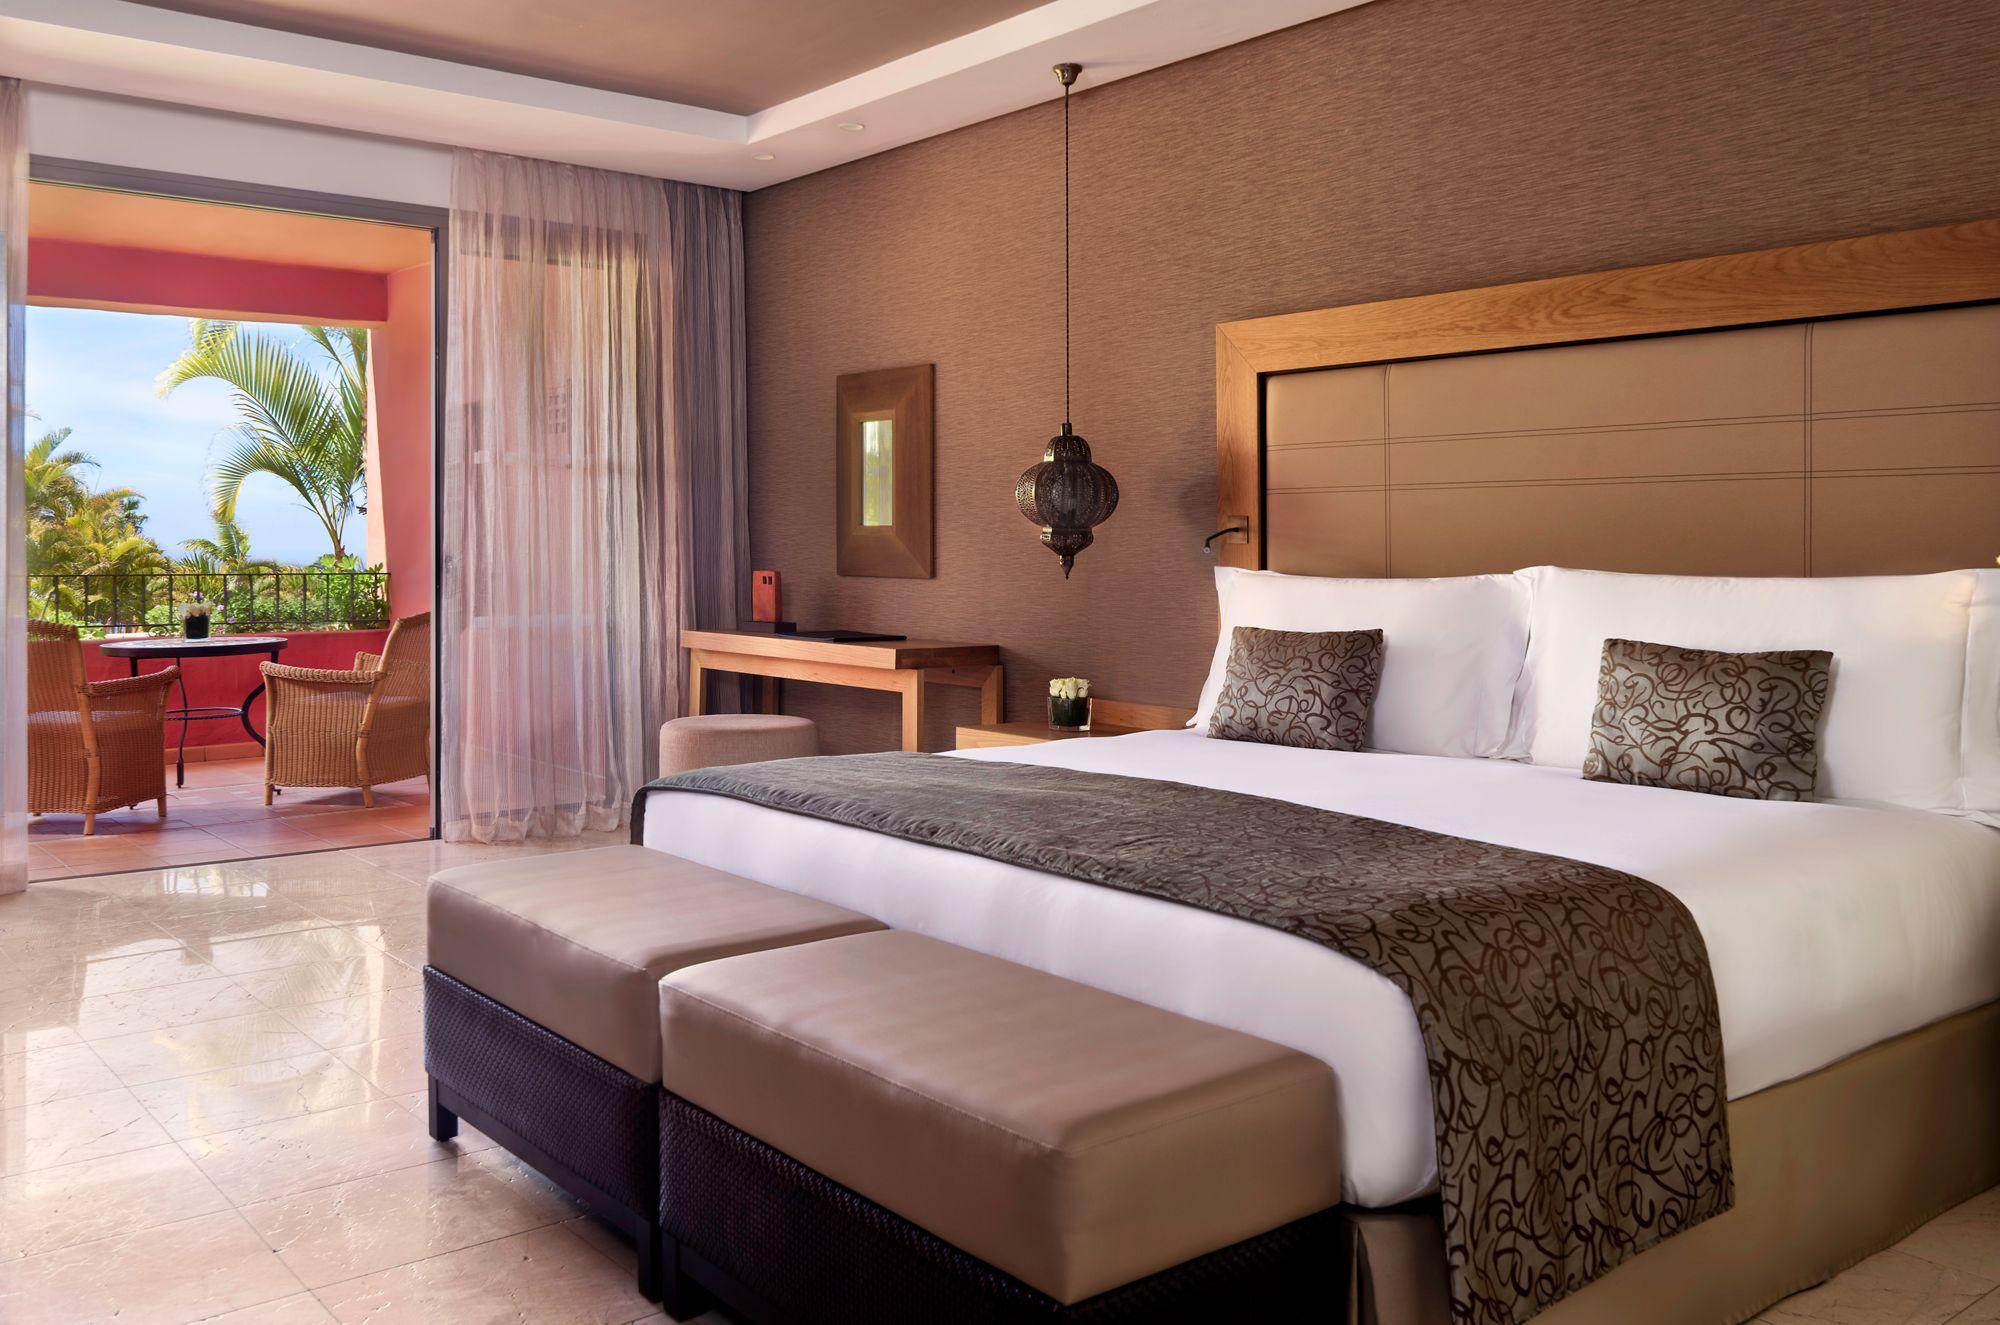 Junior Suite In Tenerife Spain The Ritz Carlton Abama